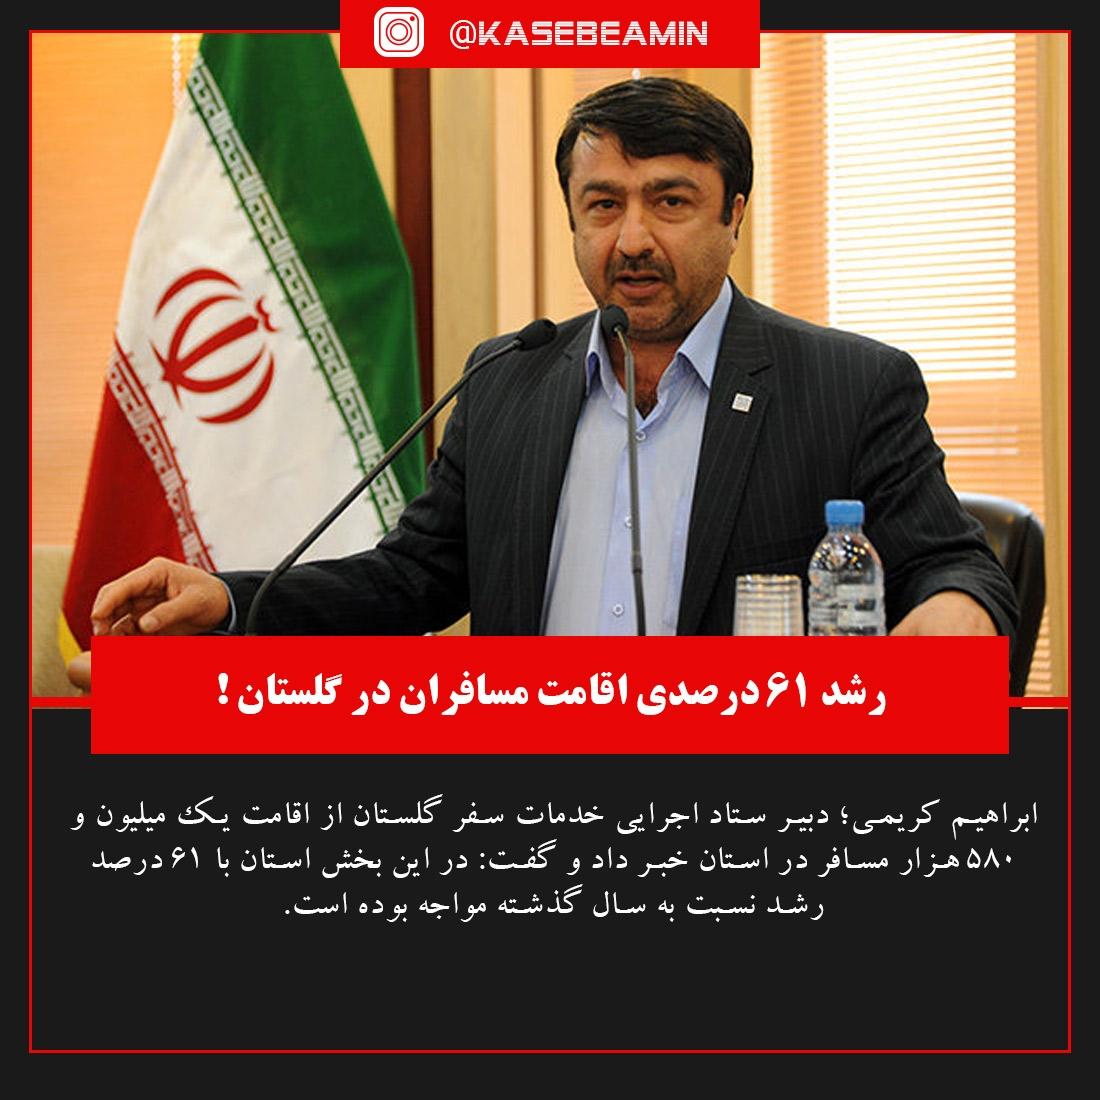 بی تدبیری دولت در گلستان تا اخراج نیرو ها3